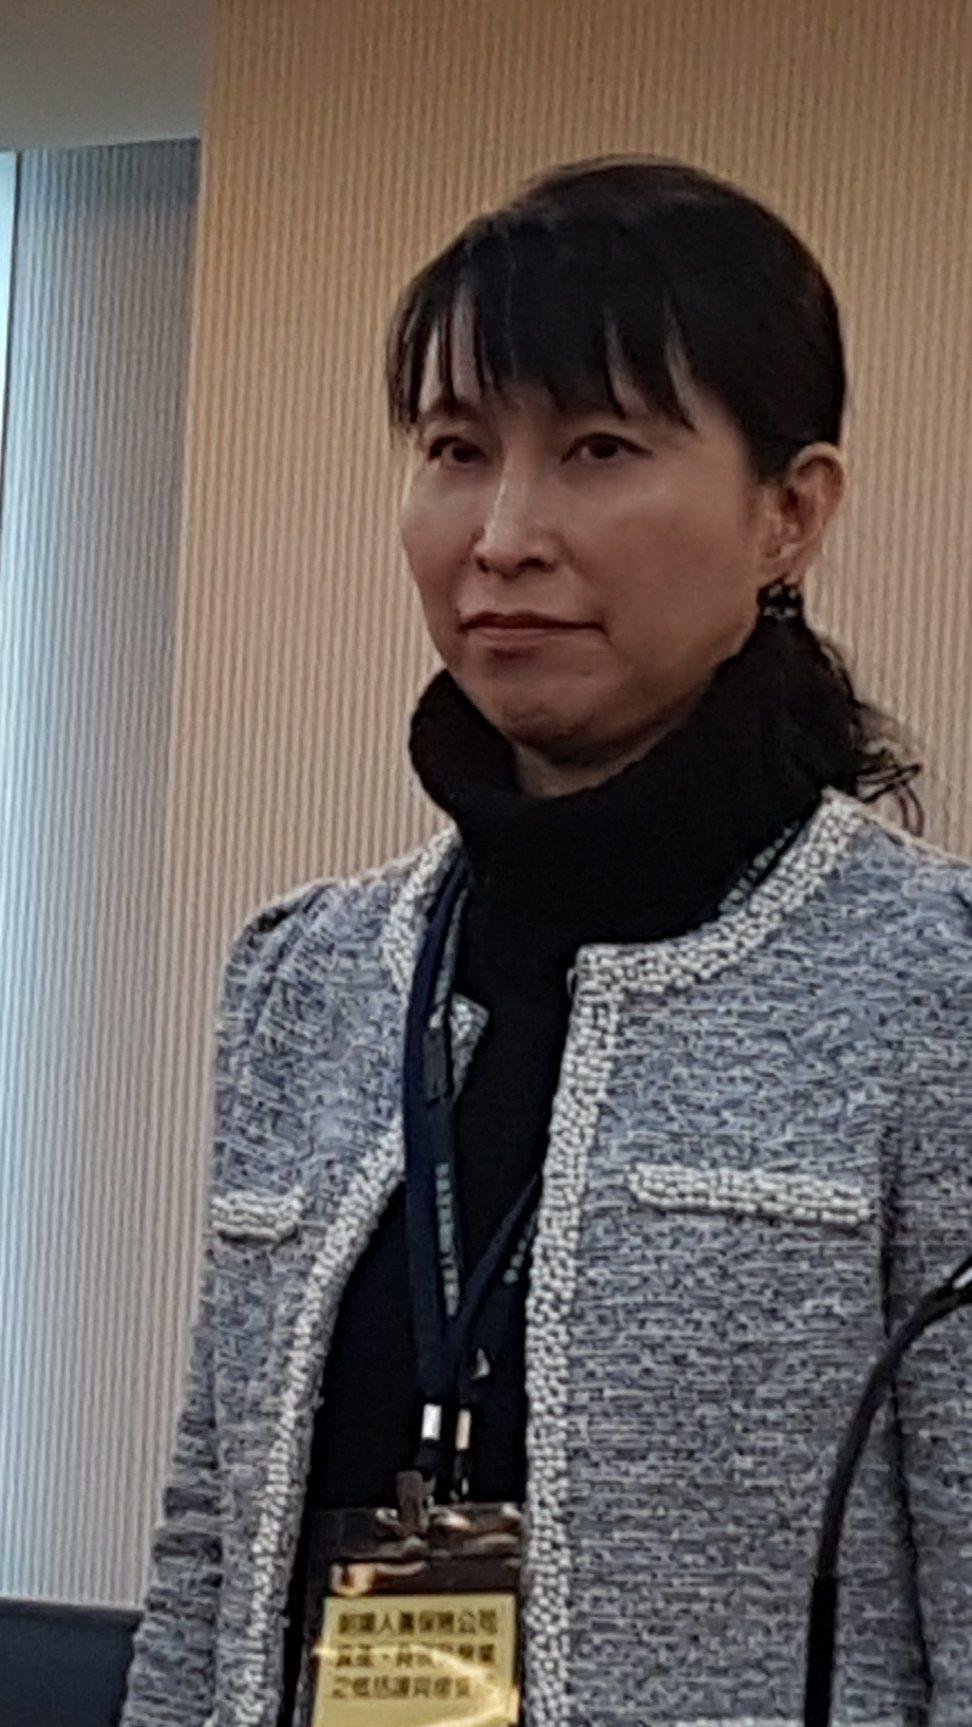 產險公會今天也通過新任祕書長人選,將由原任安定基金總經理的謝良瑾出任,她也是產險...